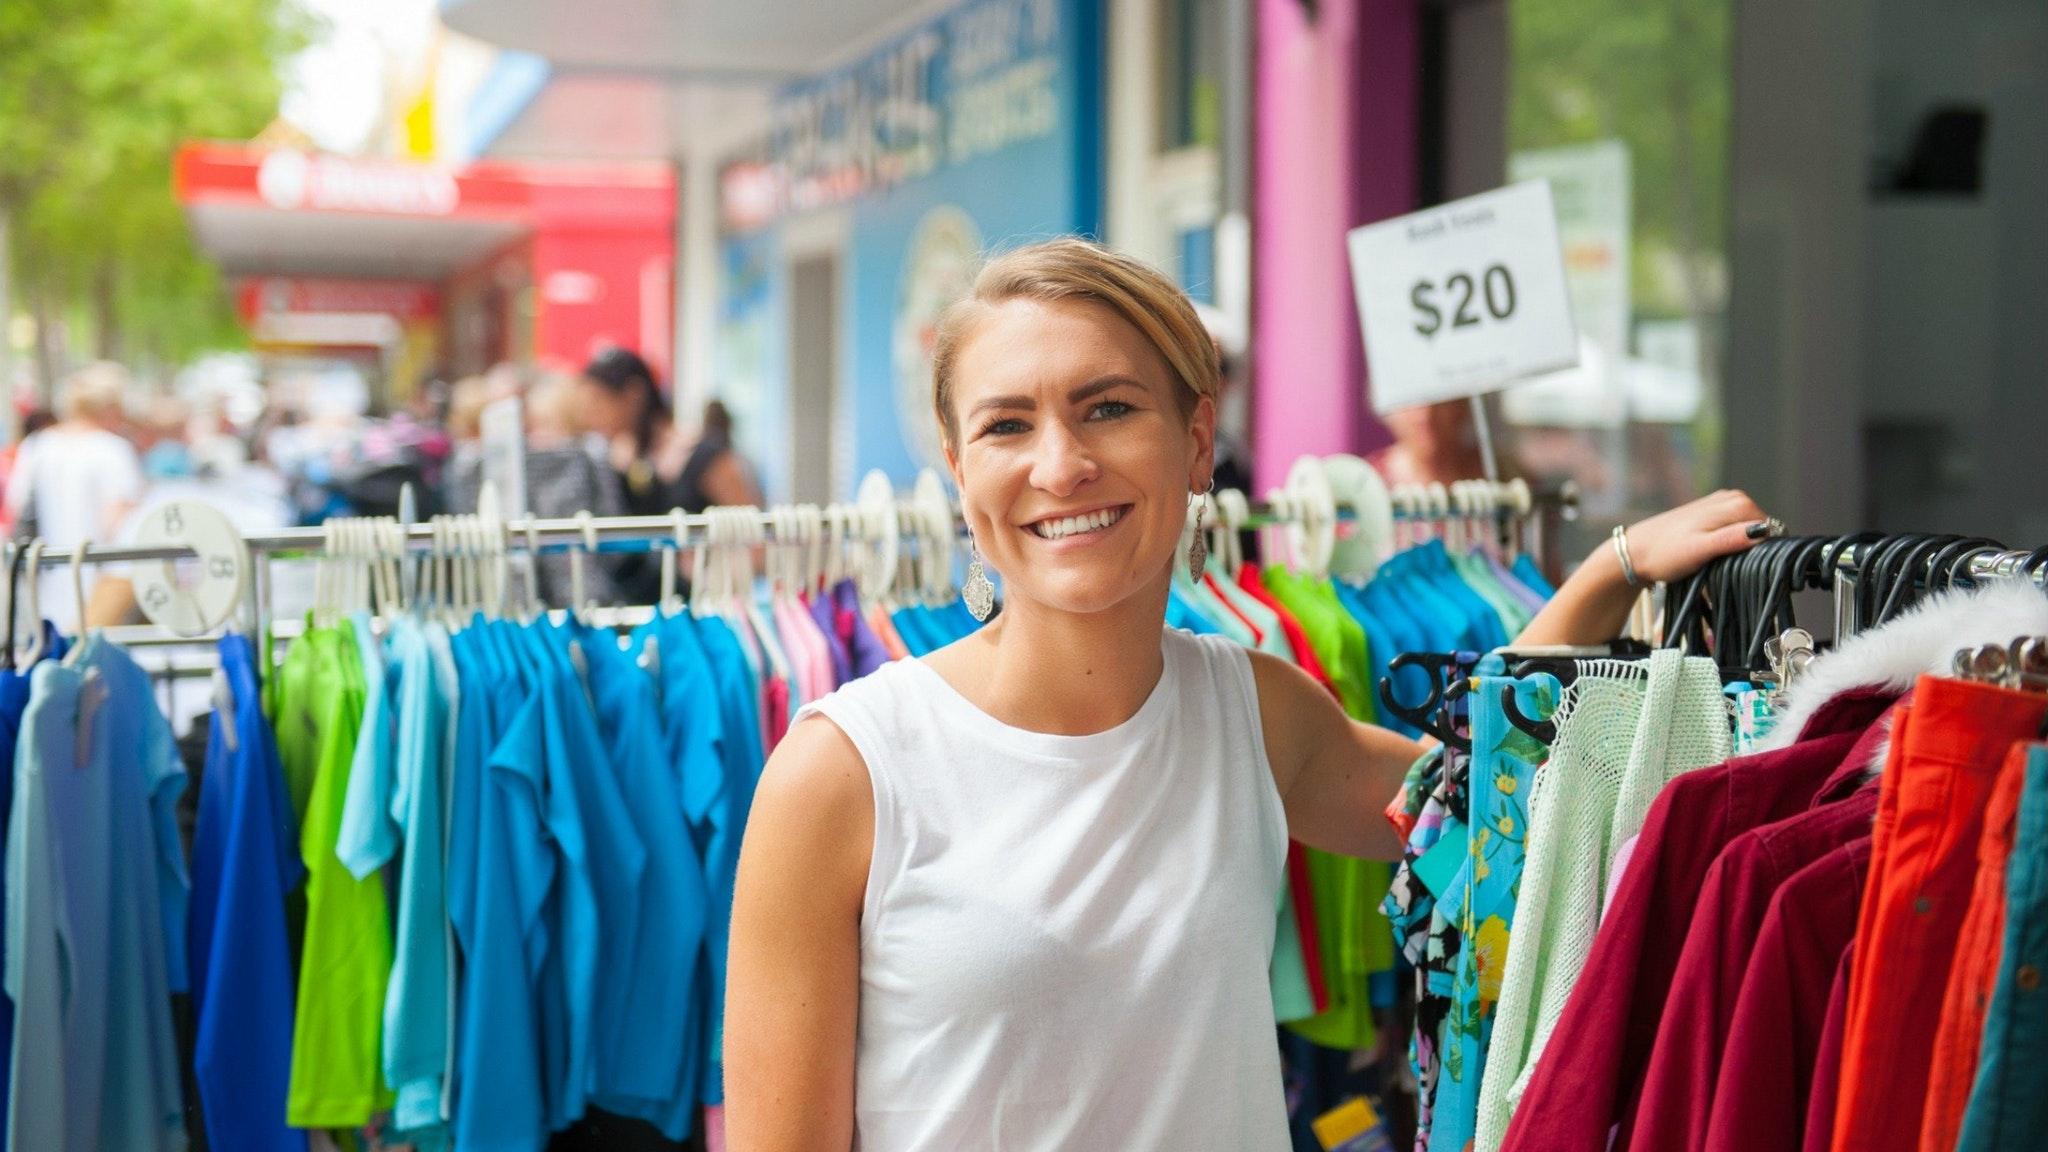 Central Geelong Sidewalk Sales